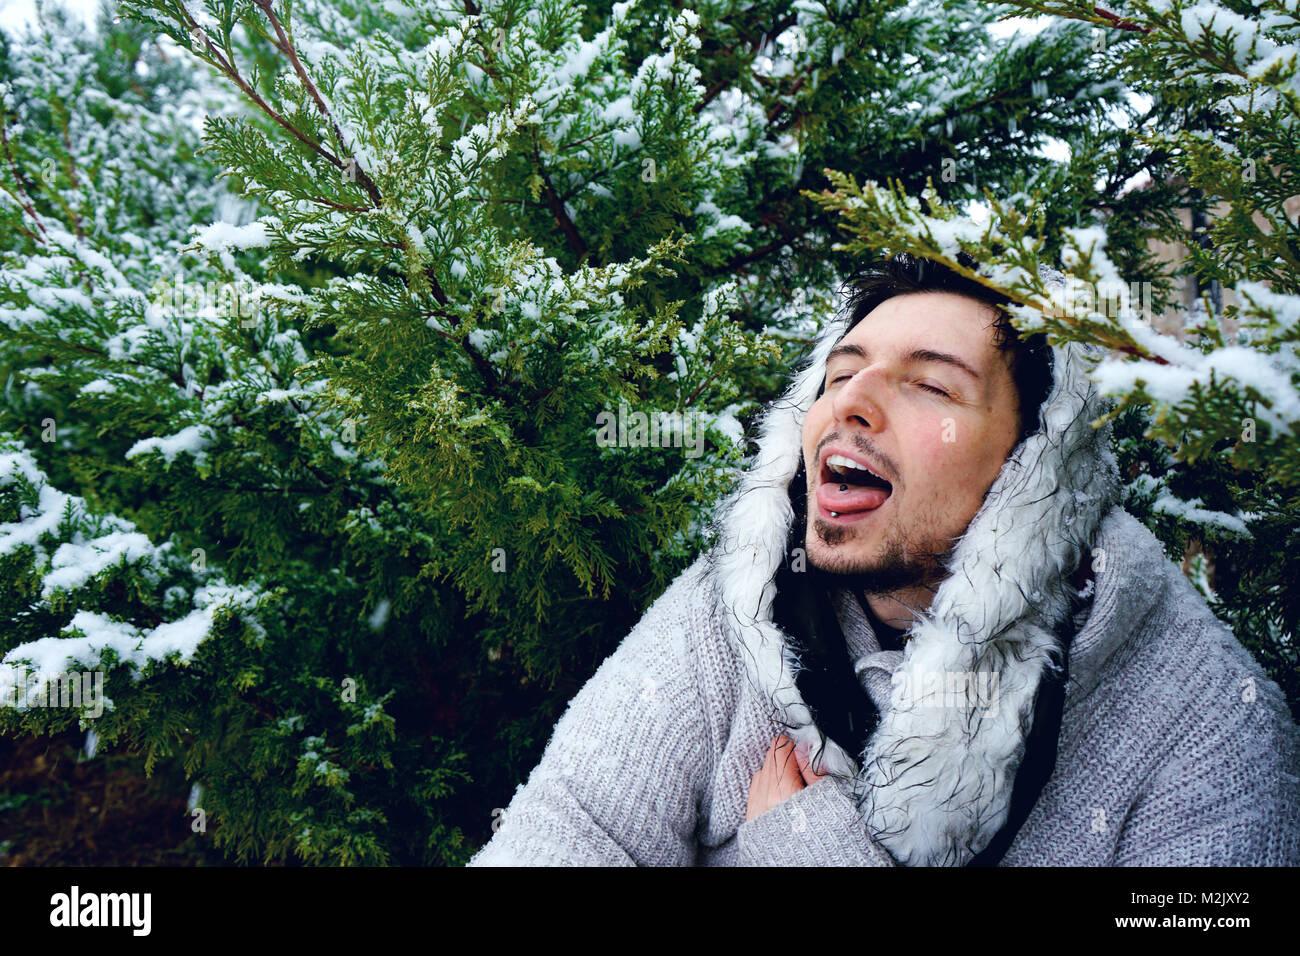 Jeune homme jouissant d'un jour de neige et d'hiver Banque D'Images